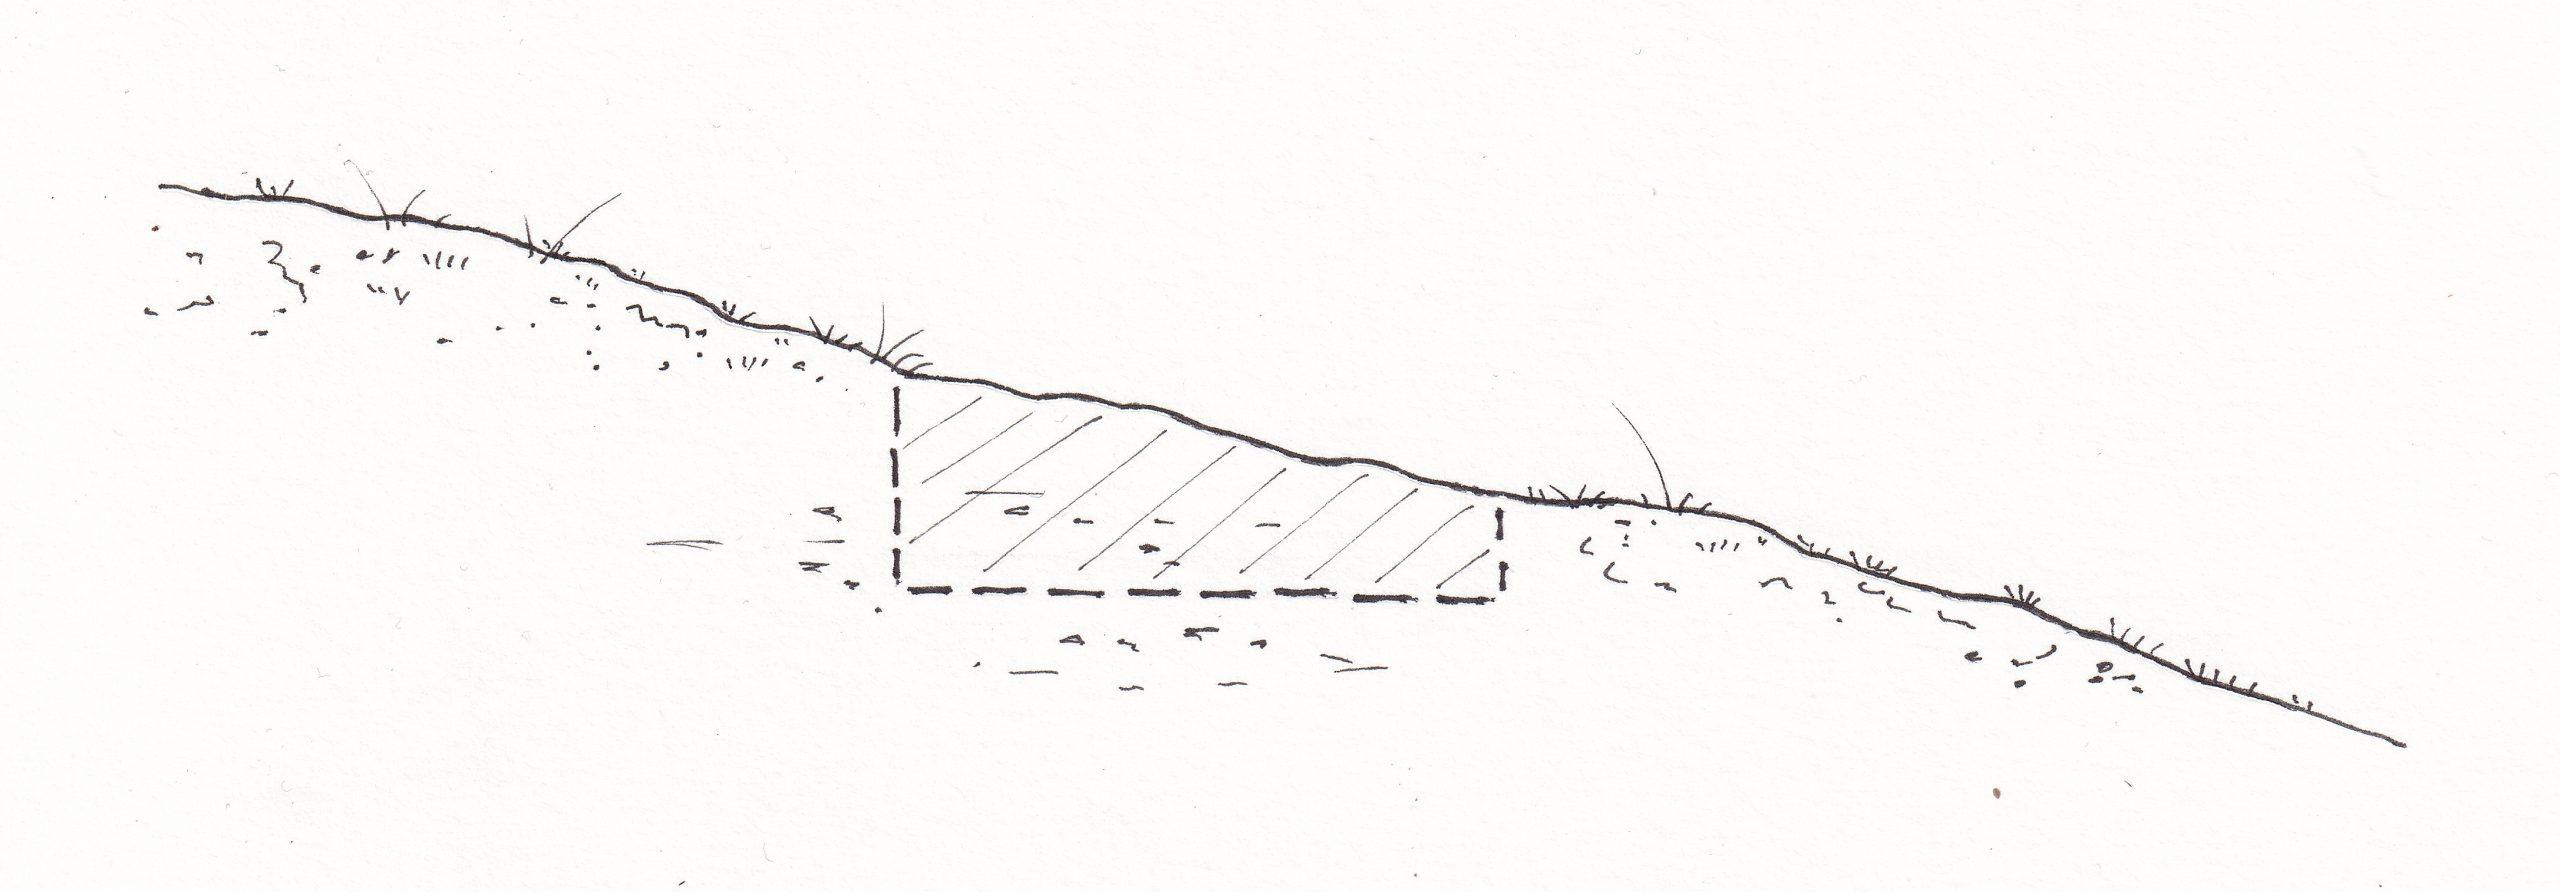 Stígagerð í grónu landi